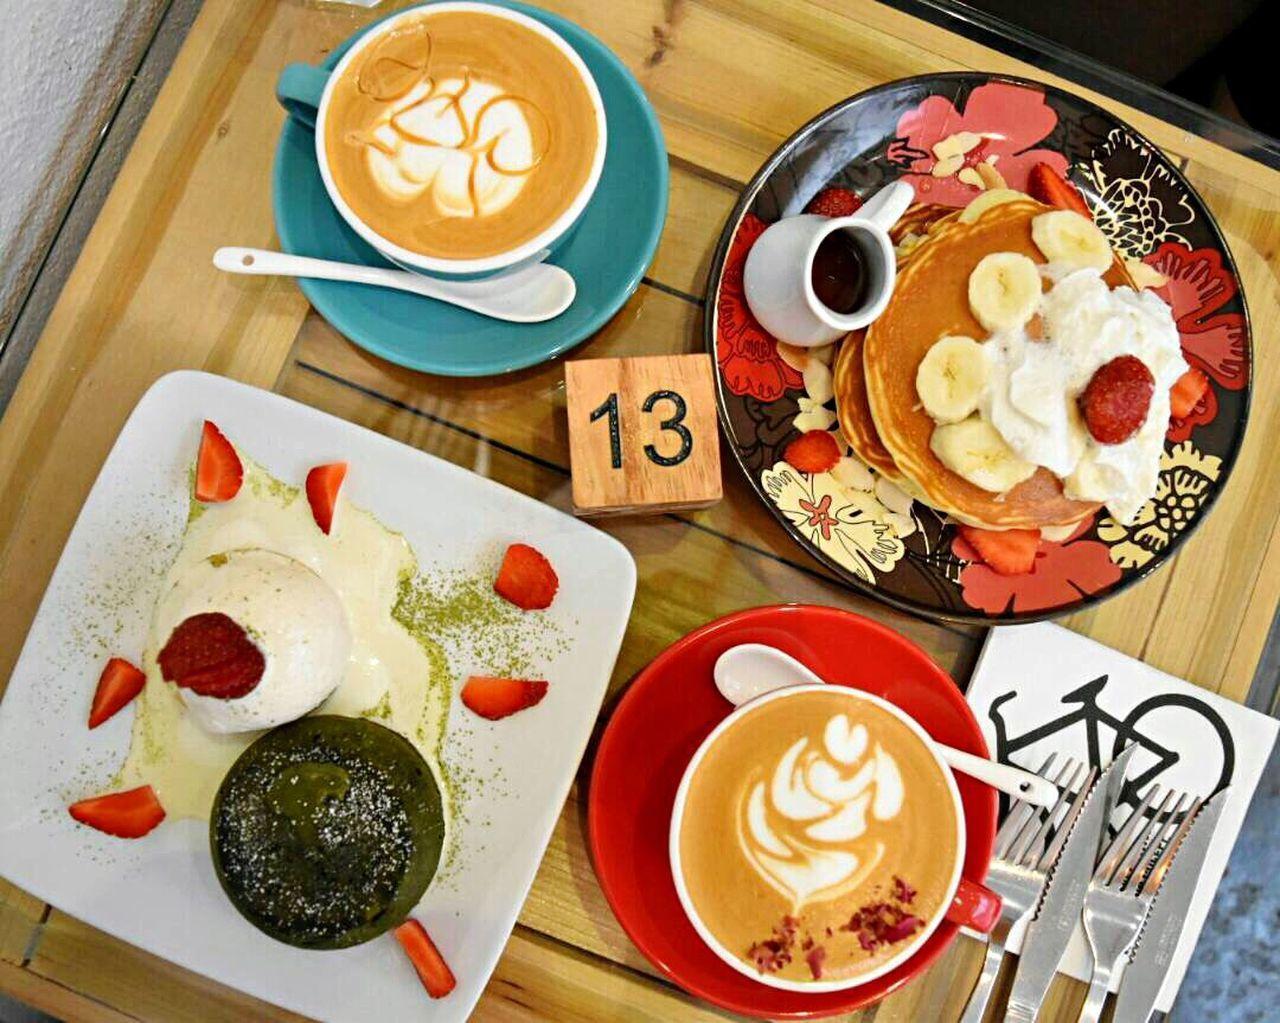 Penangcafe Cafe Foodie Roselatte Caramel Macchiato Pancakes Matchalavacake Matchaaddict Matcha Green Tea Penangheritage Coffee